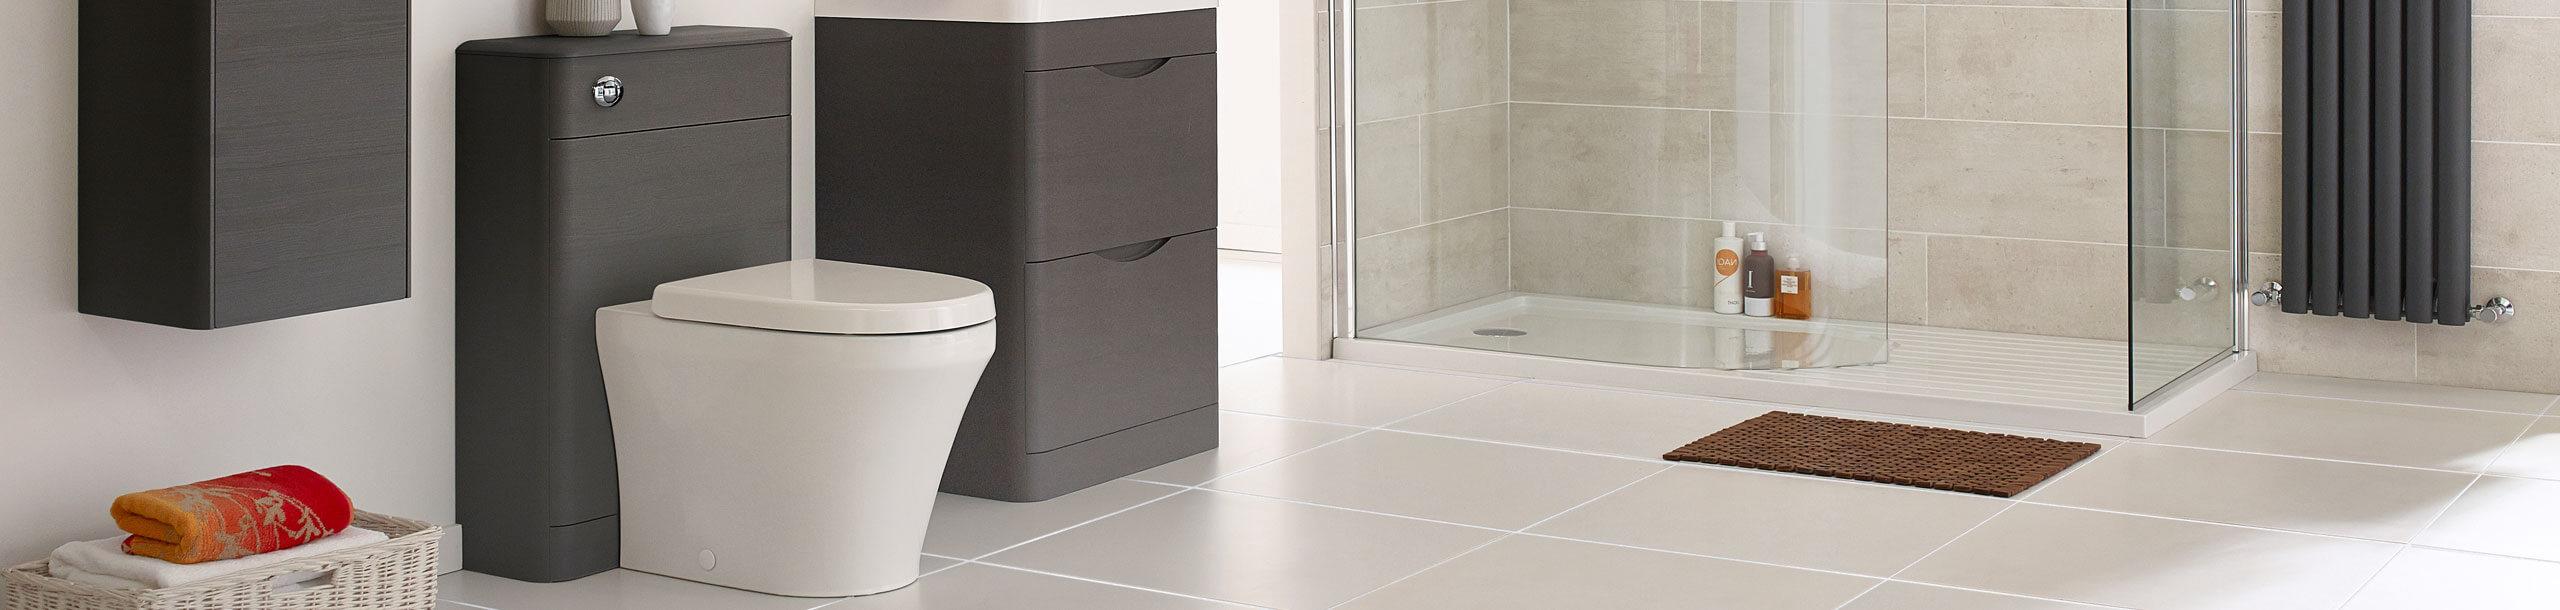 WC Furniture Units